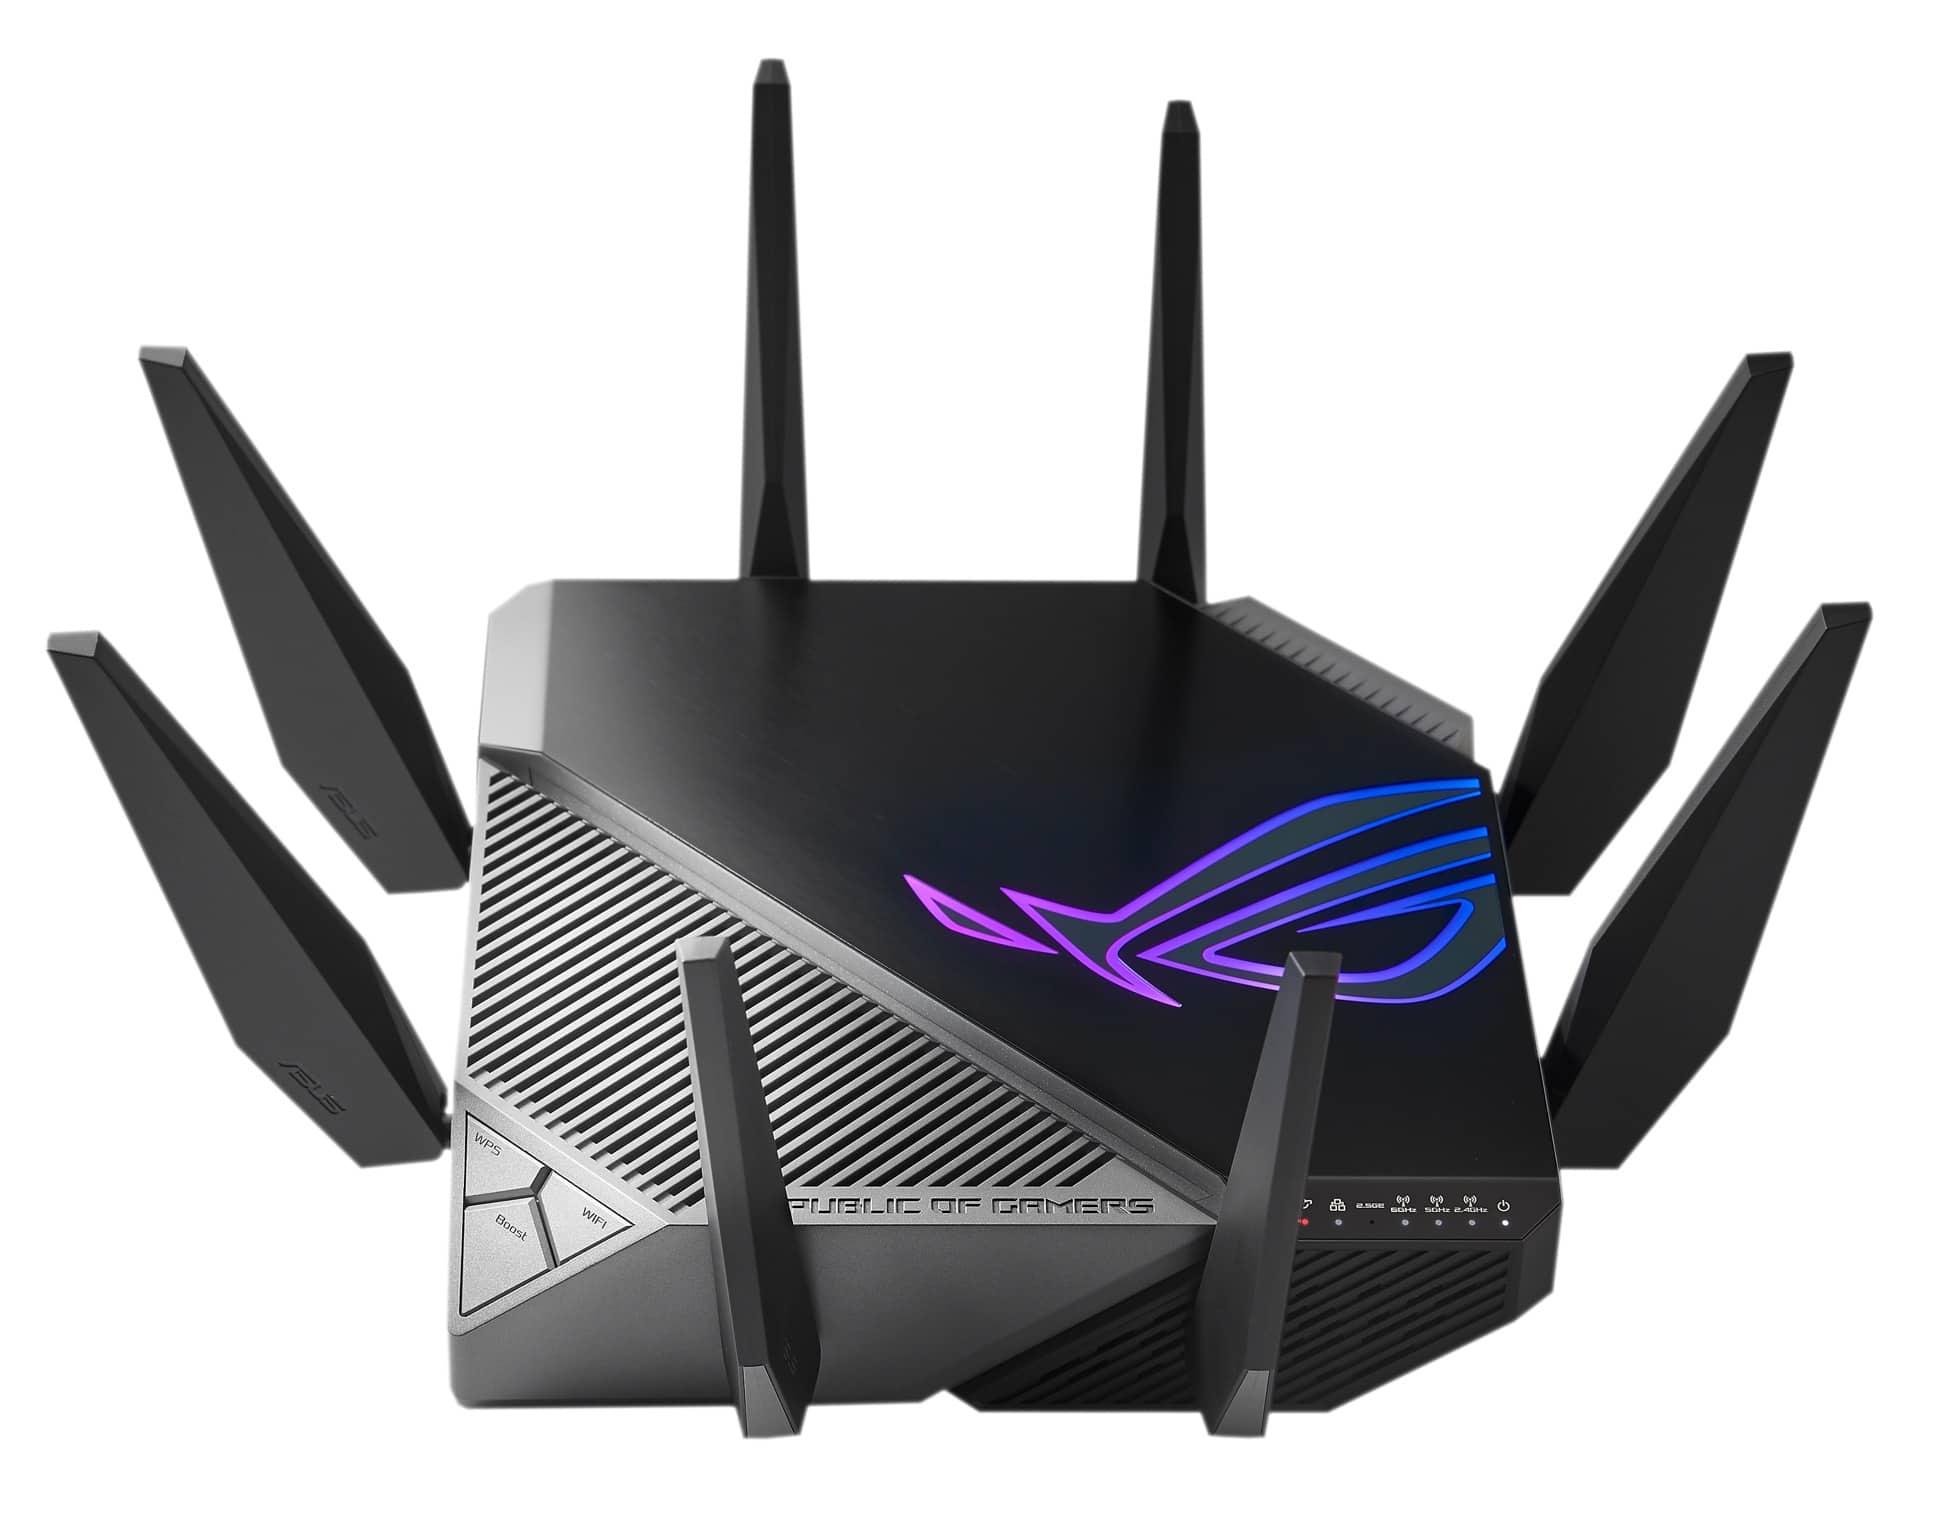 ASUS ROG ra mắt router Rapture GT-AXE11000 trang bị Wi-Fi 6E đầu tiên trên thế giới